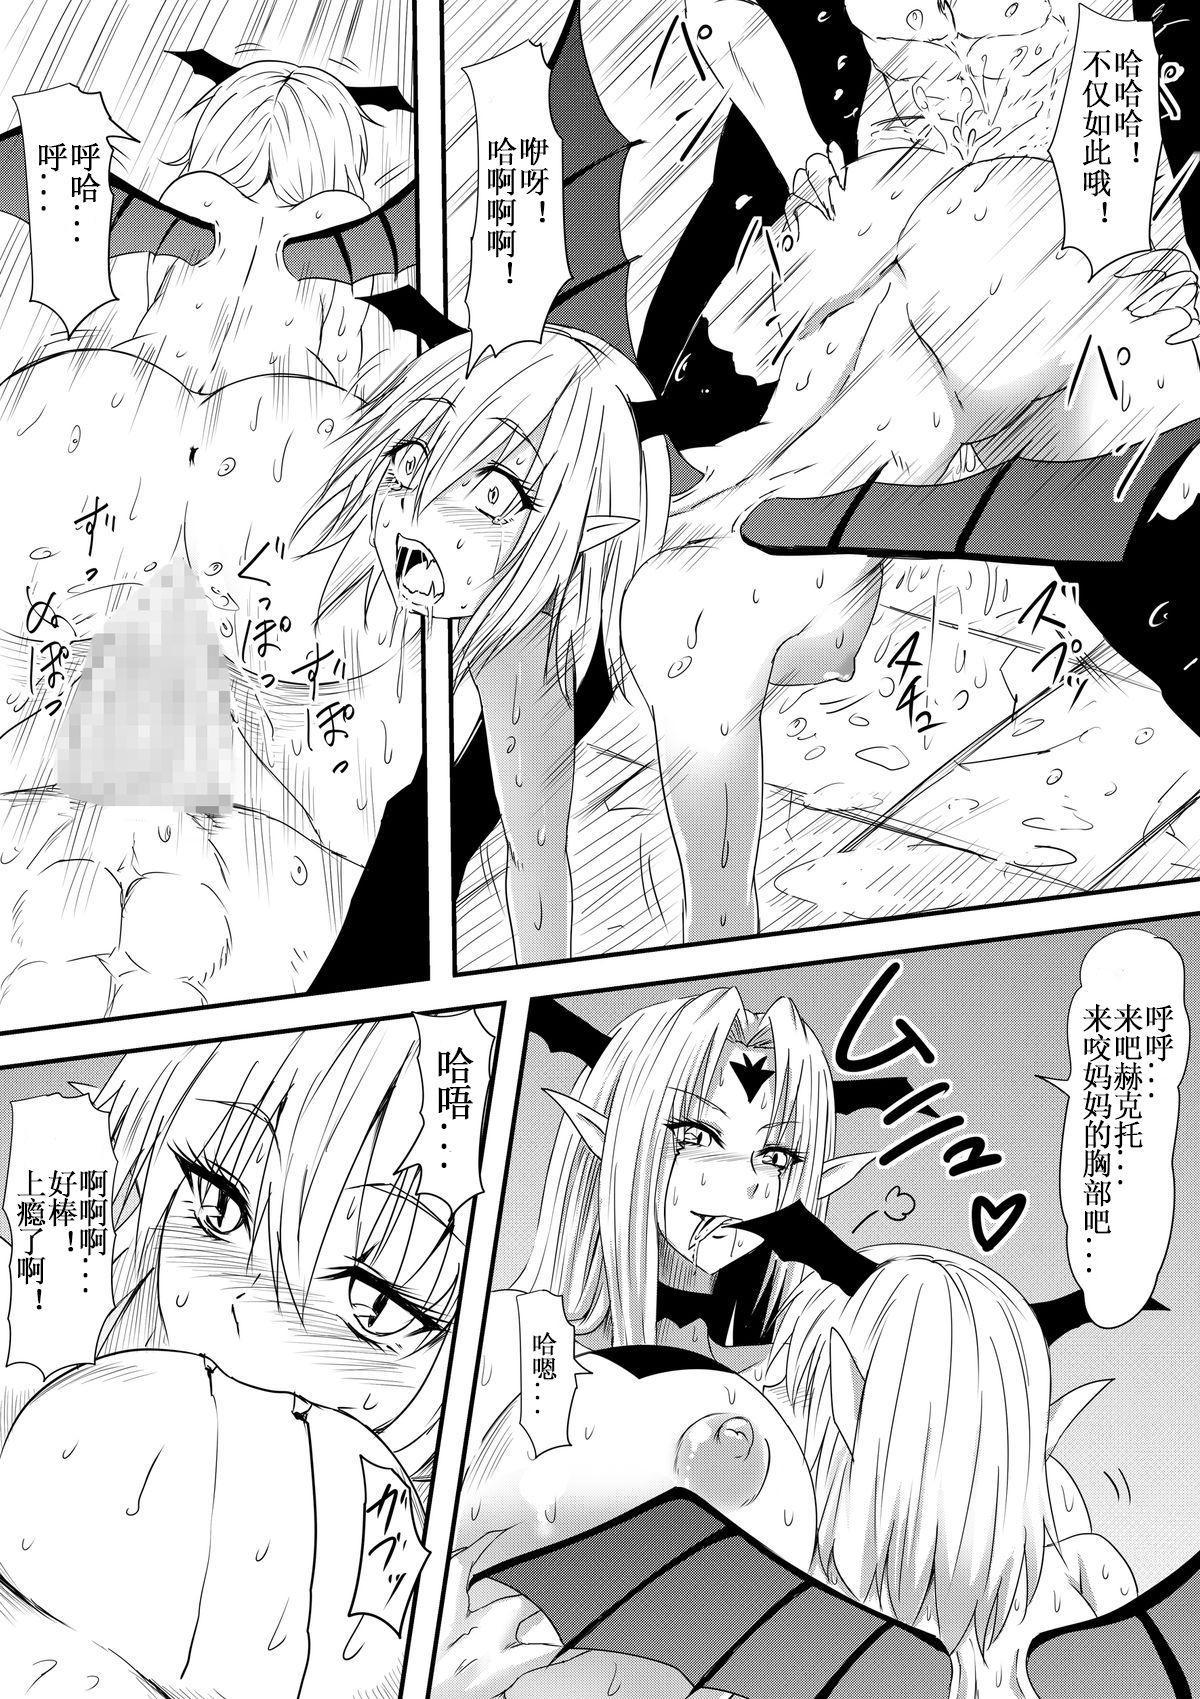 Kyuuketsuki ni Kanzen Haiboku Shita Vanpire Hunter Oyako ga Musuko no Mae de Okasare Kyuuketsuki-ka Shite Shimau Haha no Hanashi 54